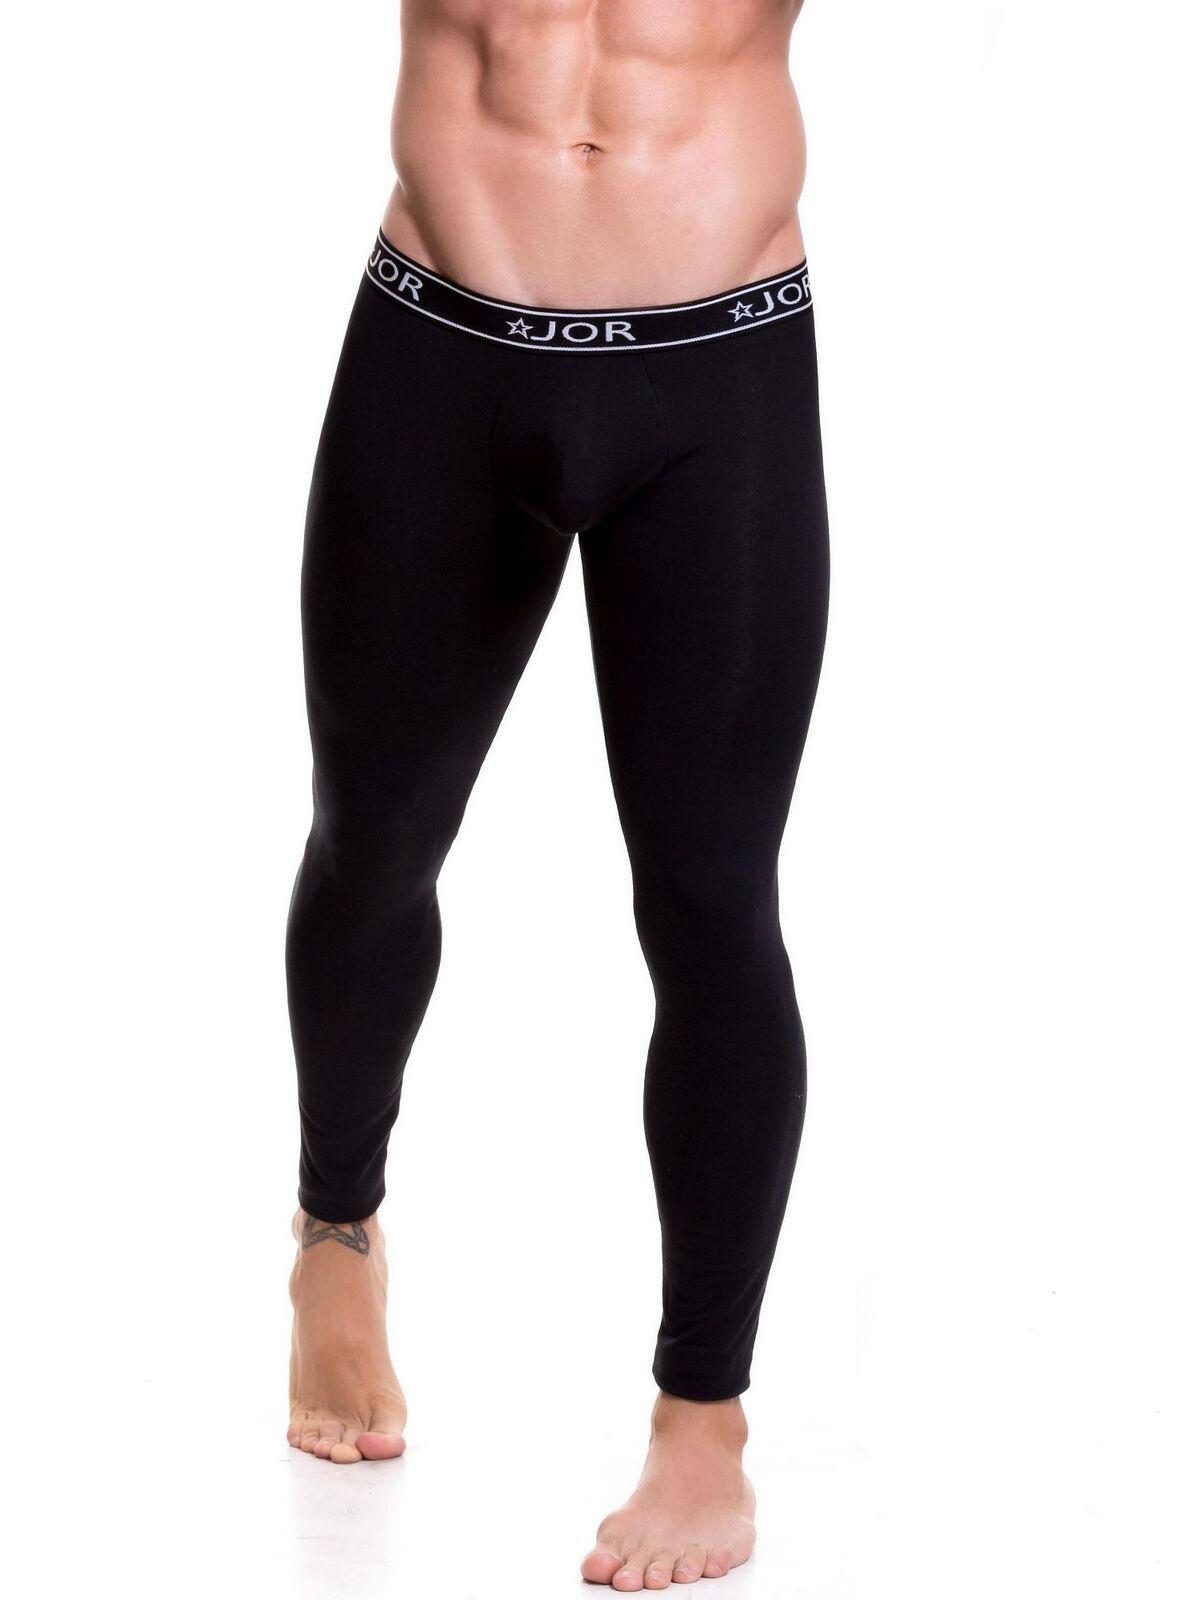 JOR lange Unterhose Herren Longjohn longjohns Loungewear Pyjamahose | Erste Qualität  | Mittel Preis  | Ausgezeichnete Leistung  | Exquisite (mittlere) Verarbeitung  | Feinbearbeitung